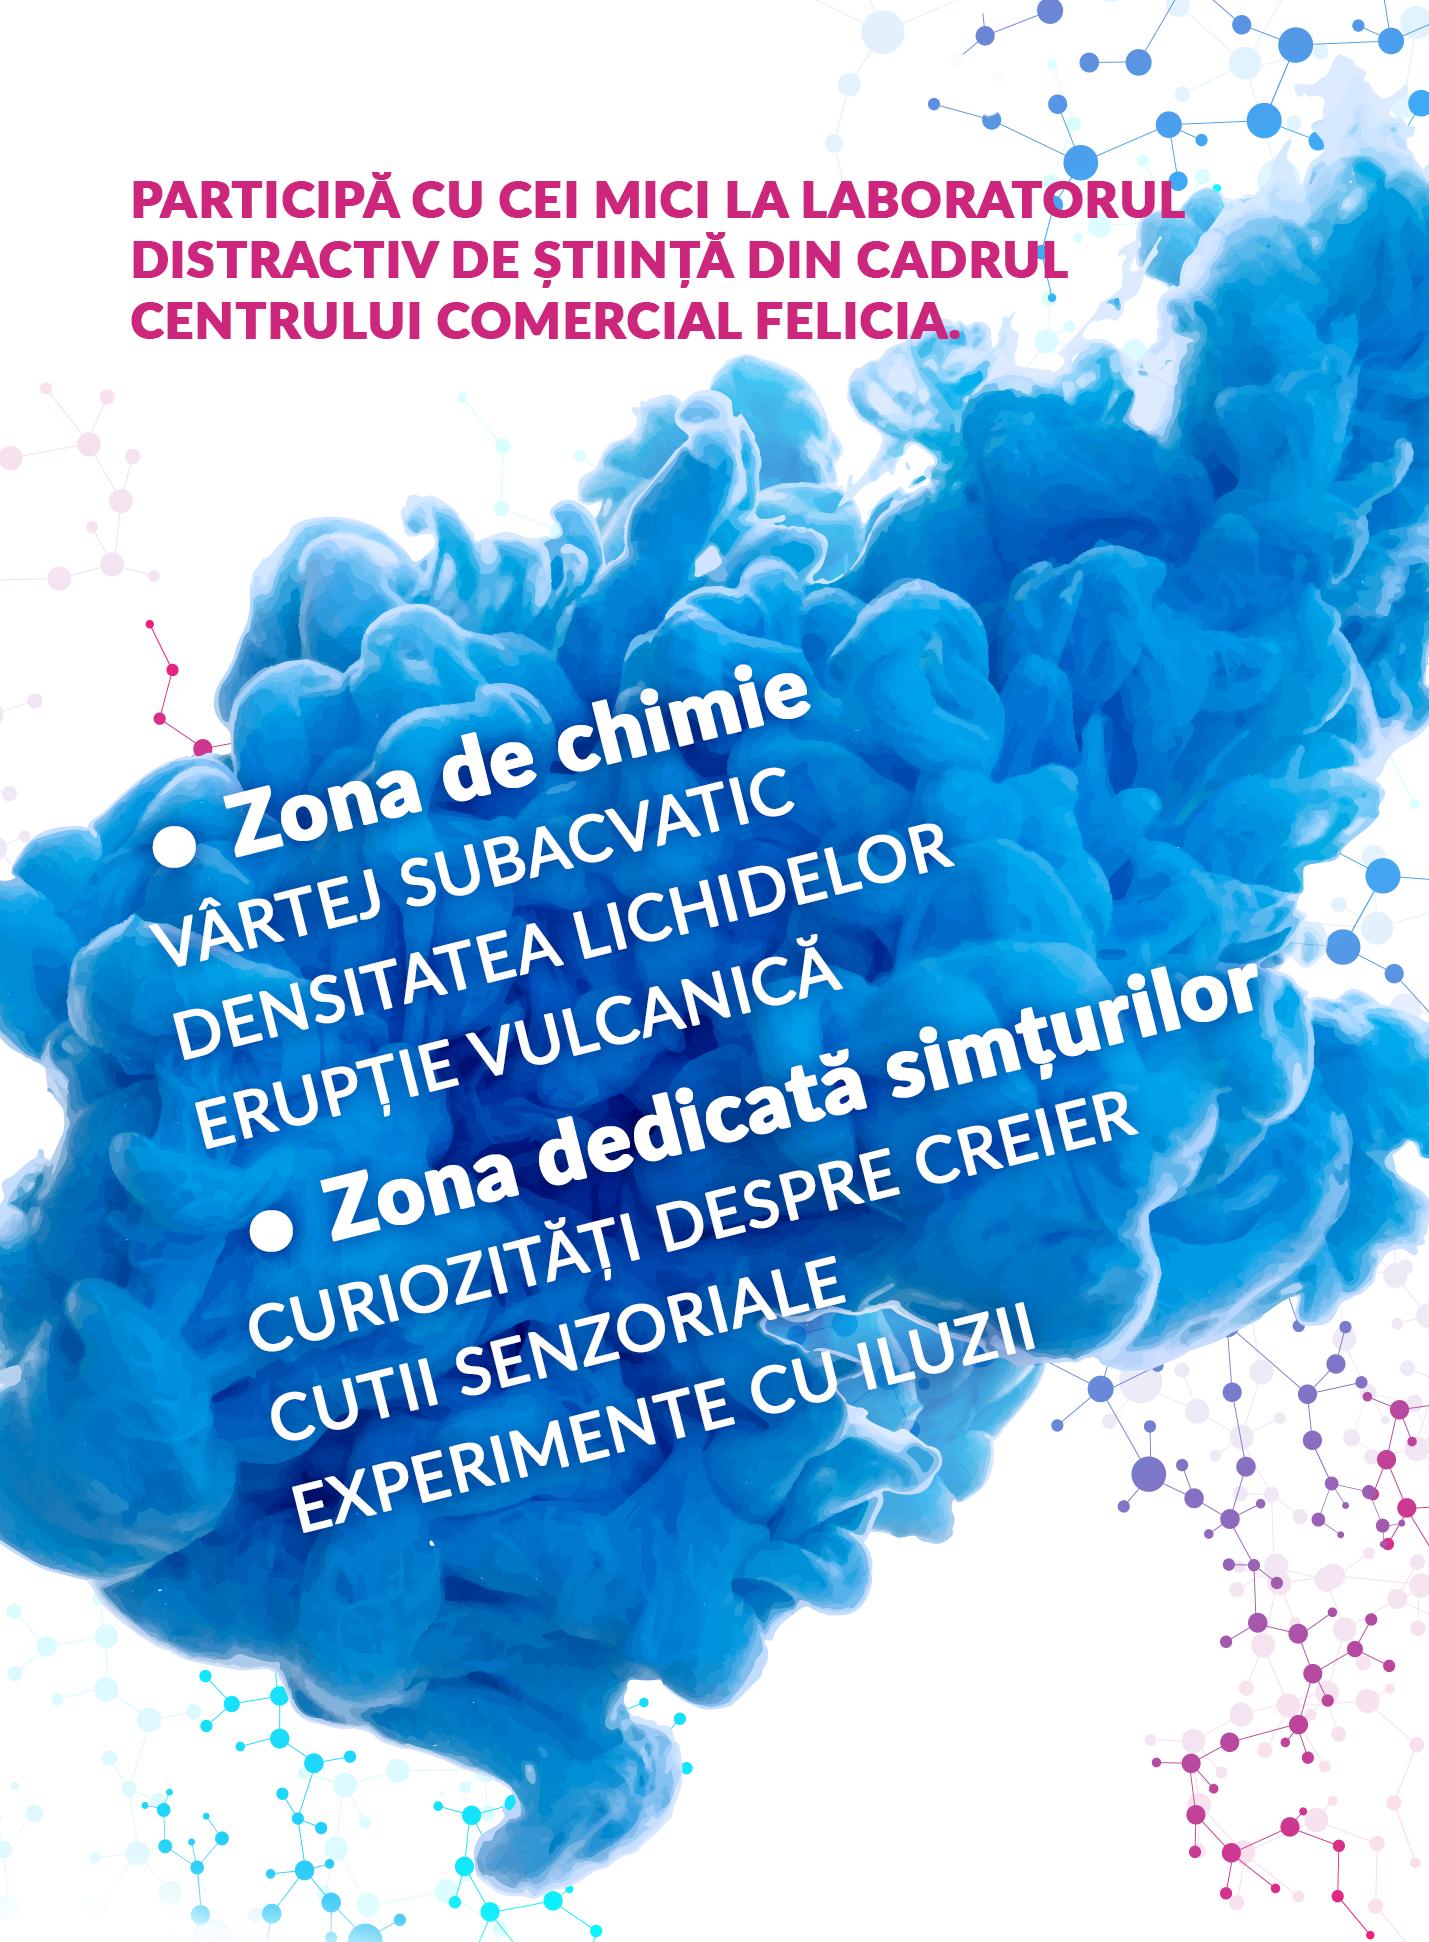 laborator_felicia